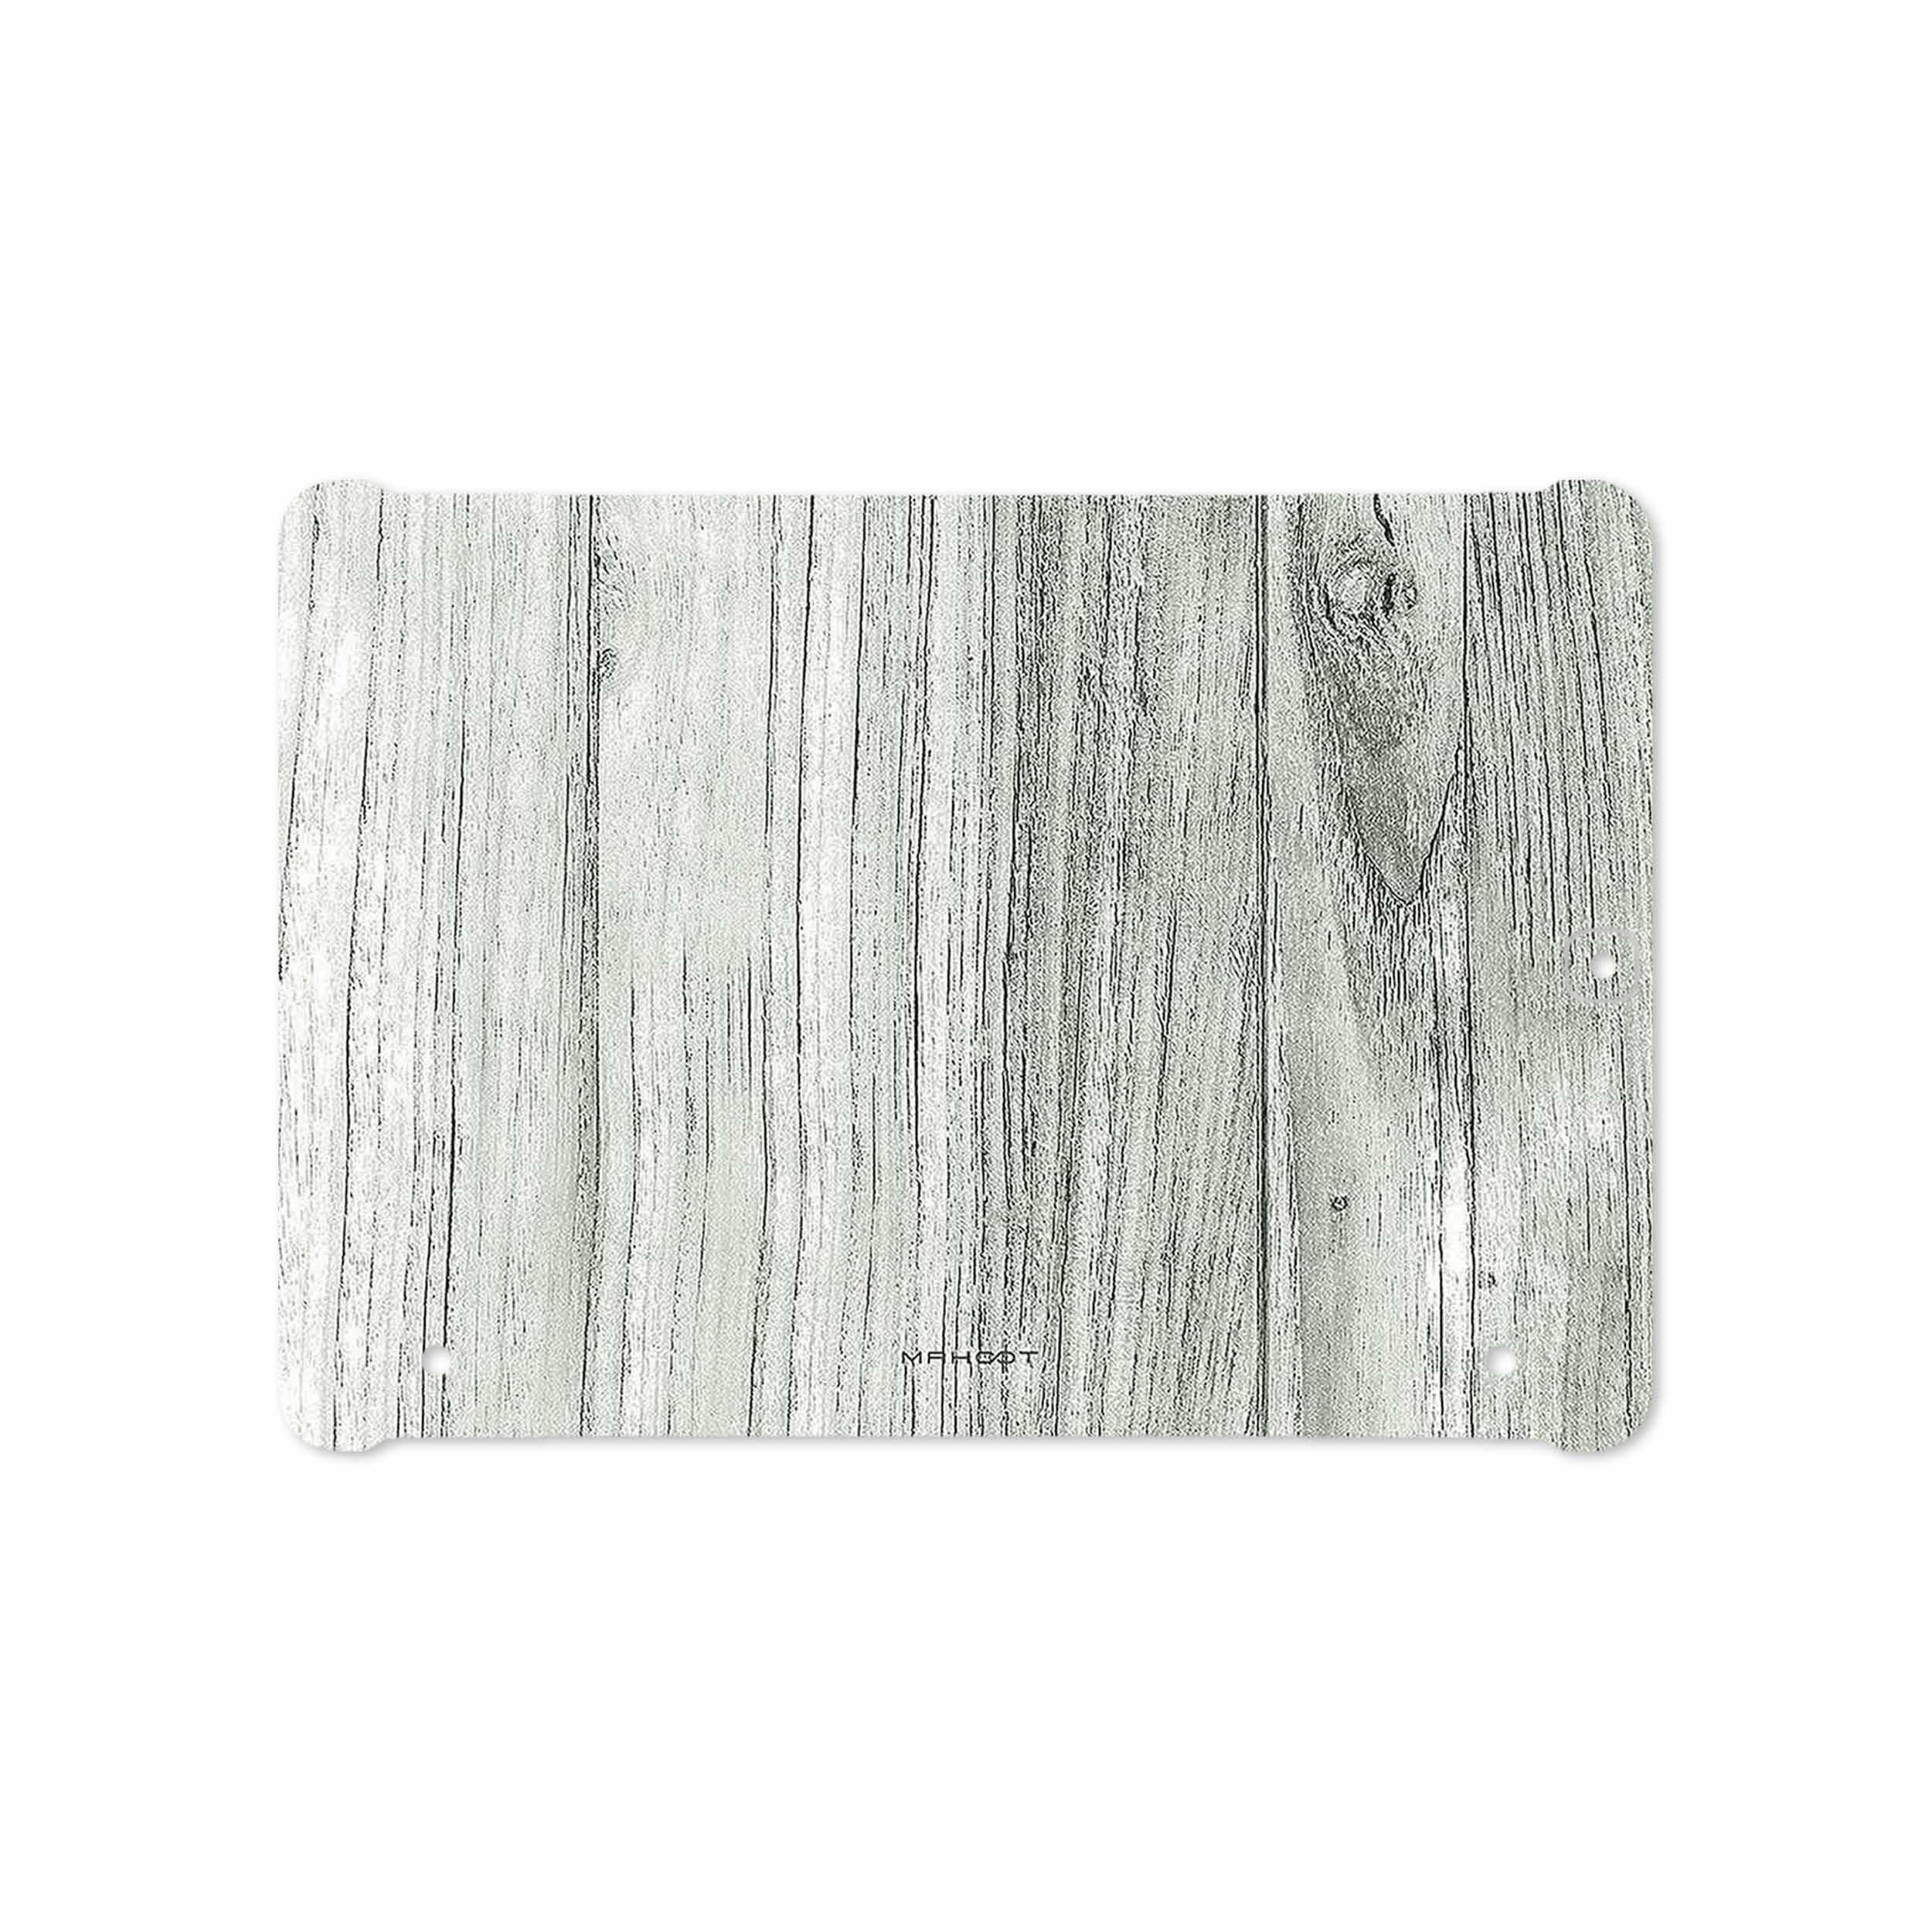 بررسی و خرید [با تخفیف]                                     برچسب پوششی ماهوت مدل White Wood مناسب برای تبلت سامسونگ Galaxy Tab S2 9.7 2015 T815                             اورجینال